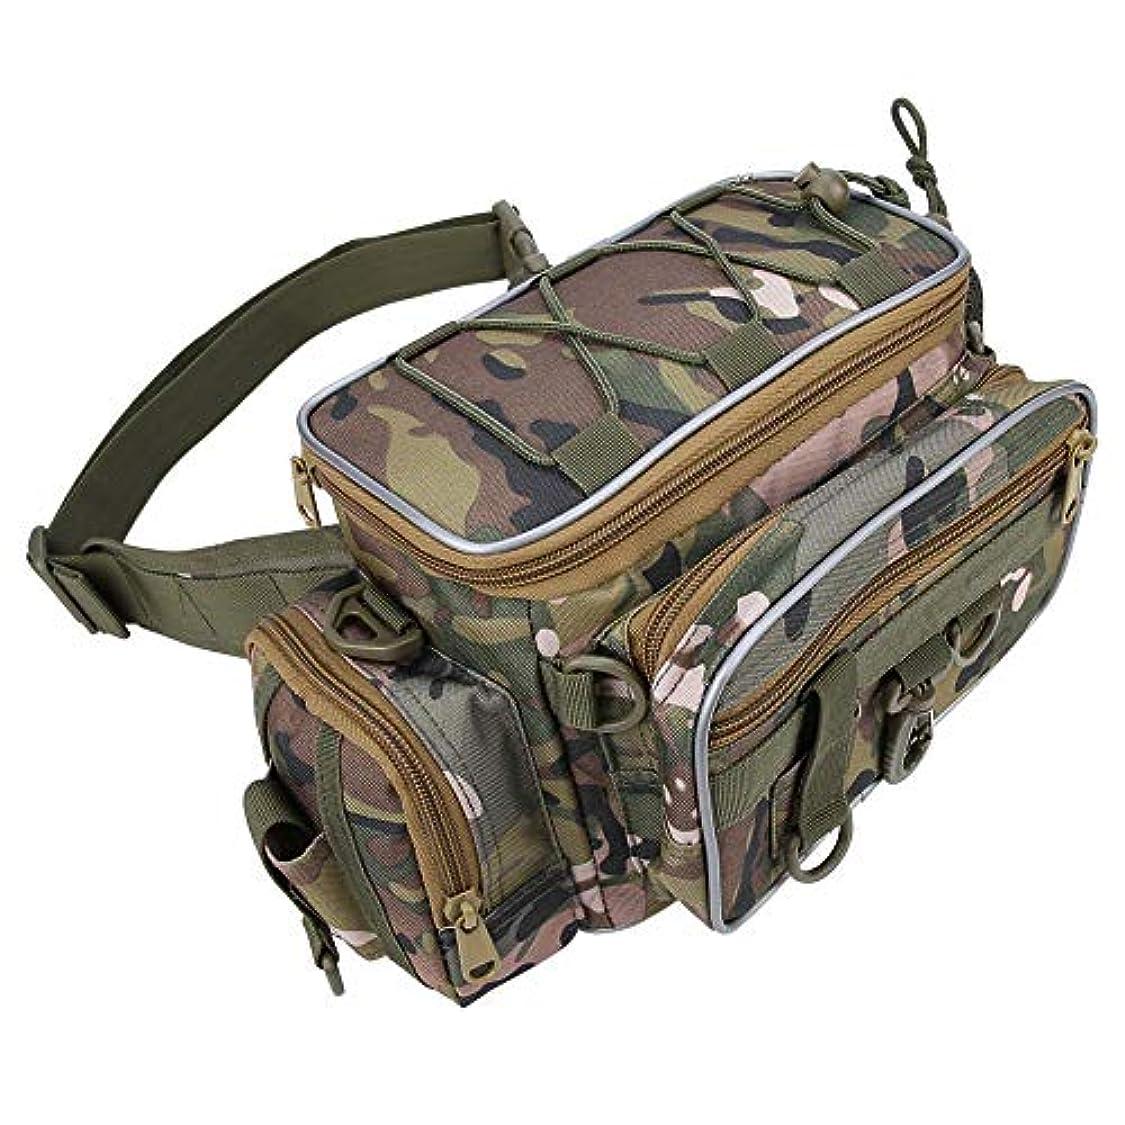 鉱夫コテージ困難釣りバッグ フィッシングタックルバッグ 大容量 複数のポケット ショルダーストラップ 調節可能 多機能 折りたたみ可能 ルアー/リールなどに対応